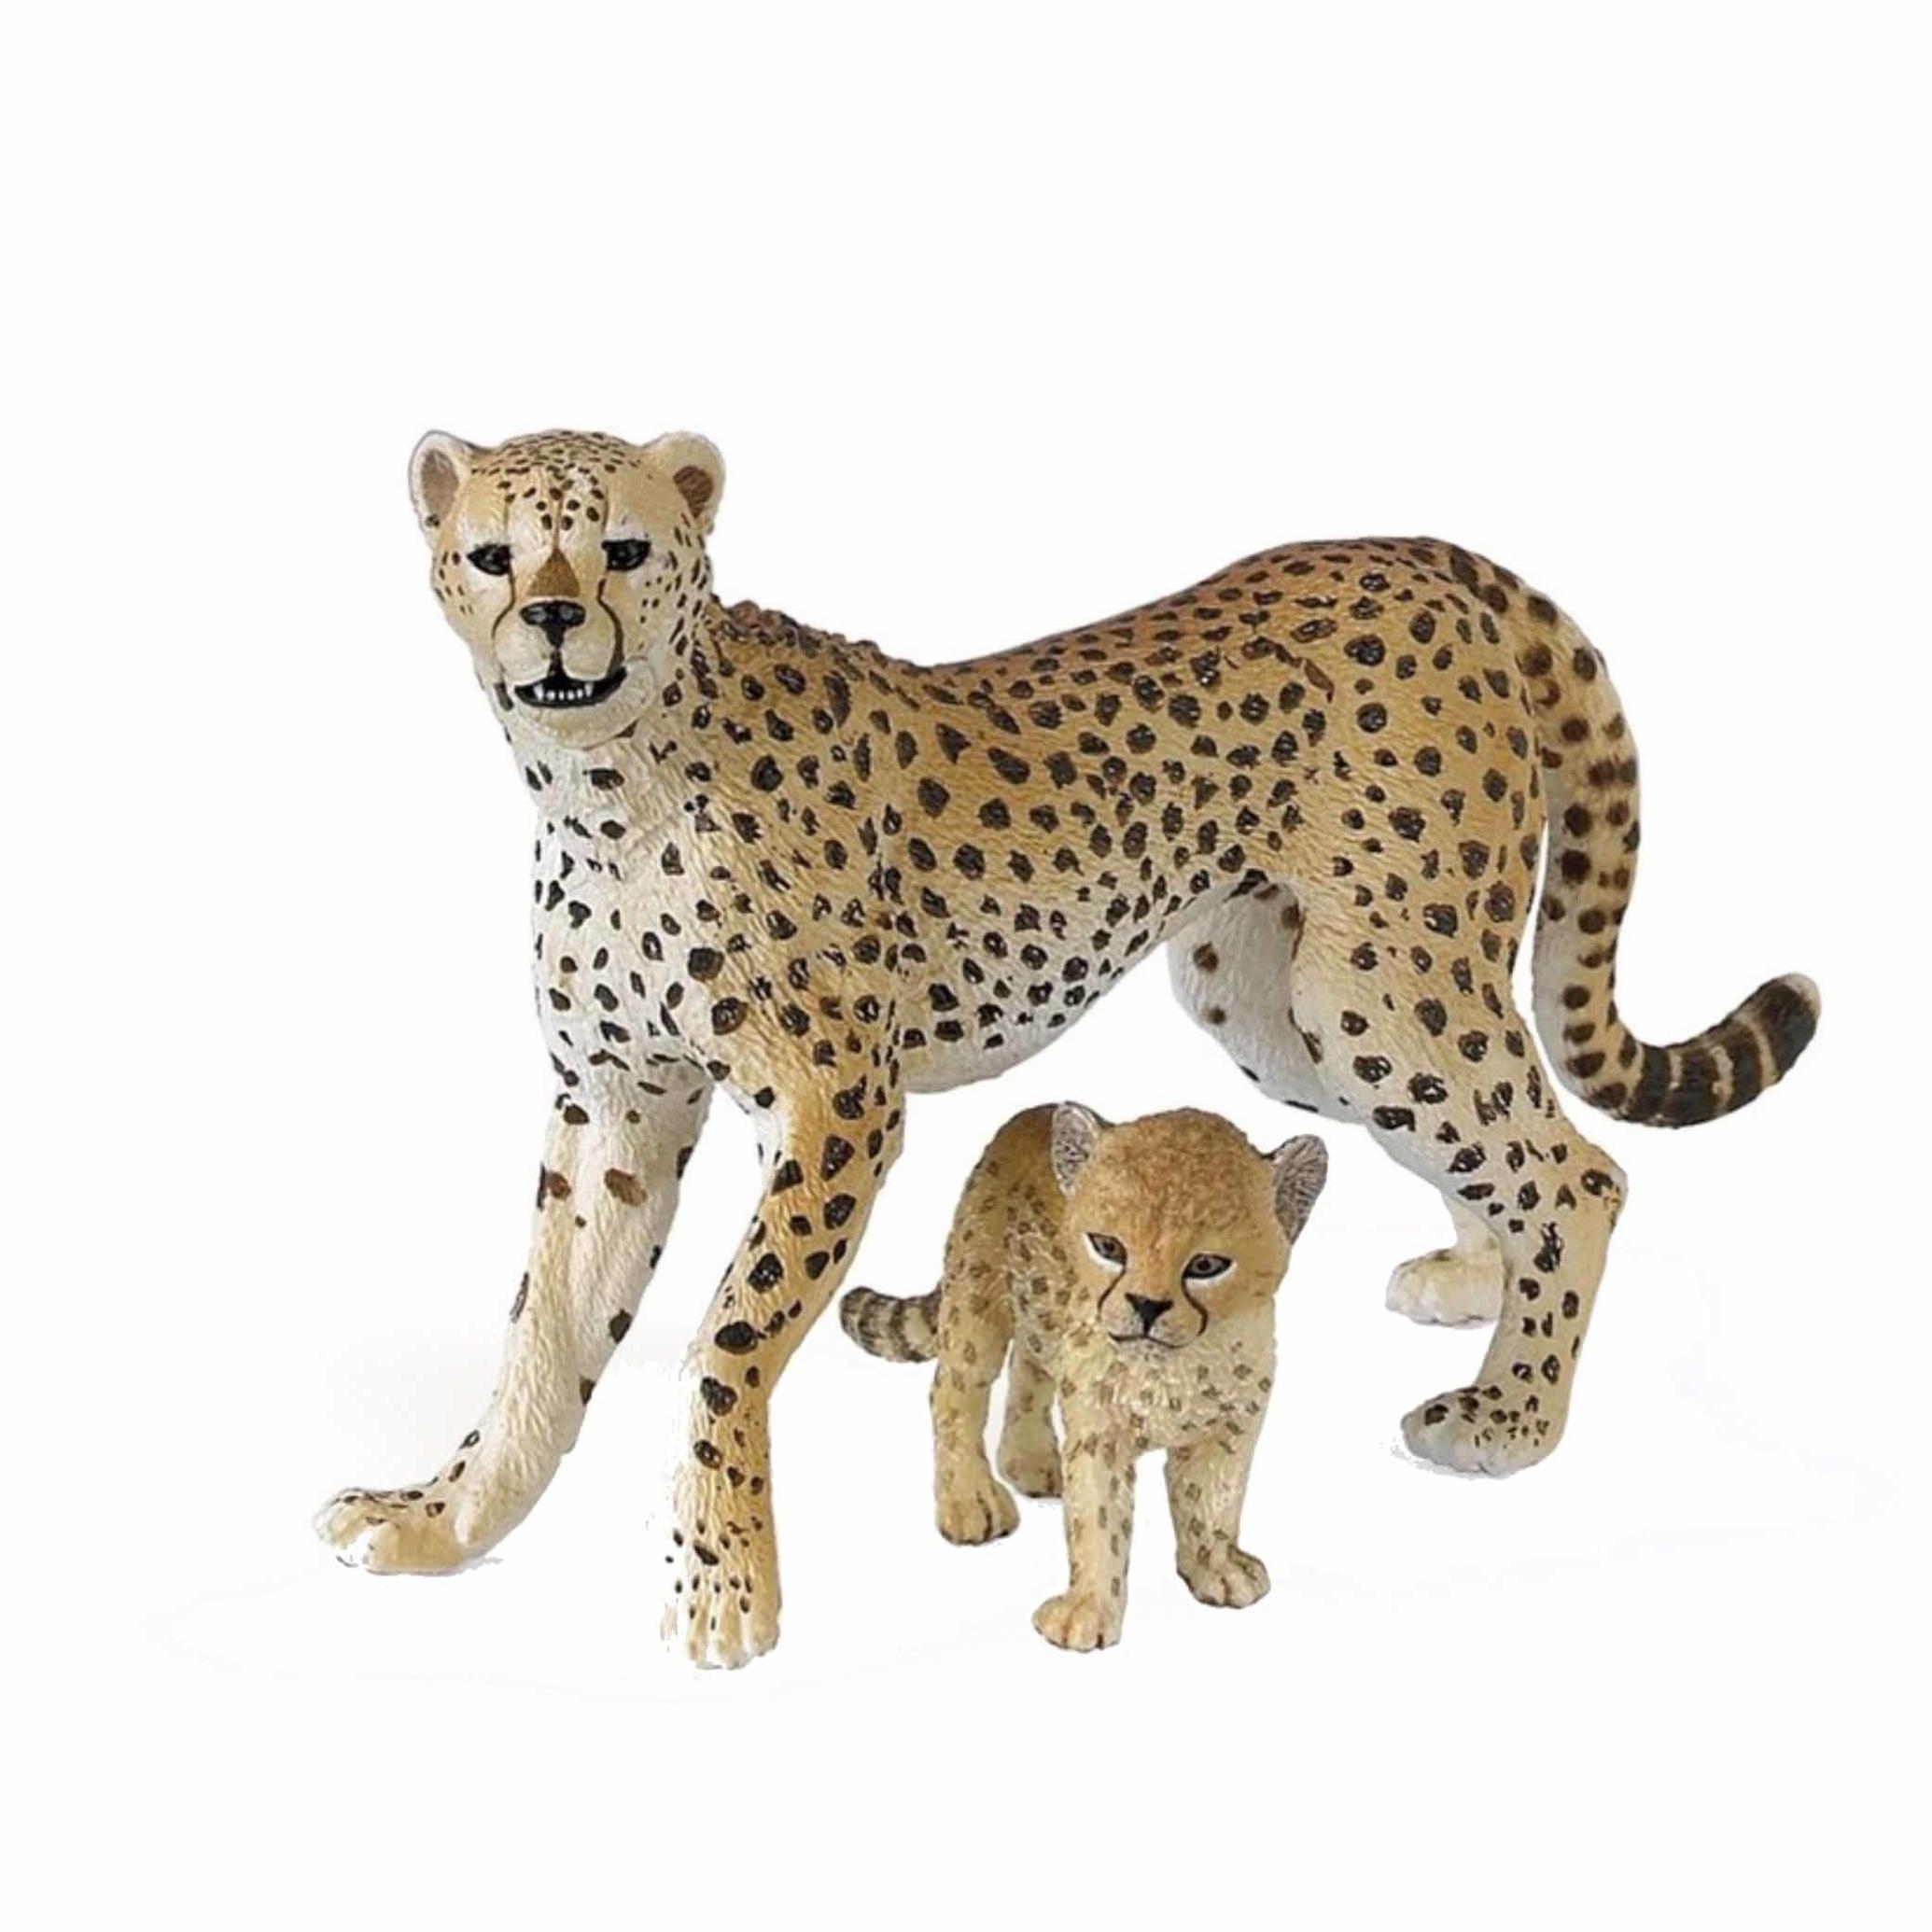 Afbeelding Cheeta met welp speeldiertje 10 cm door Animals Giftshop